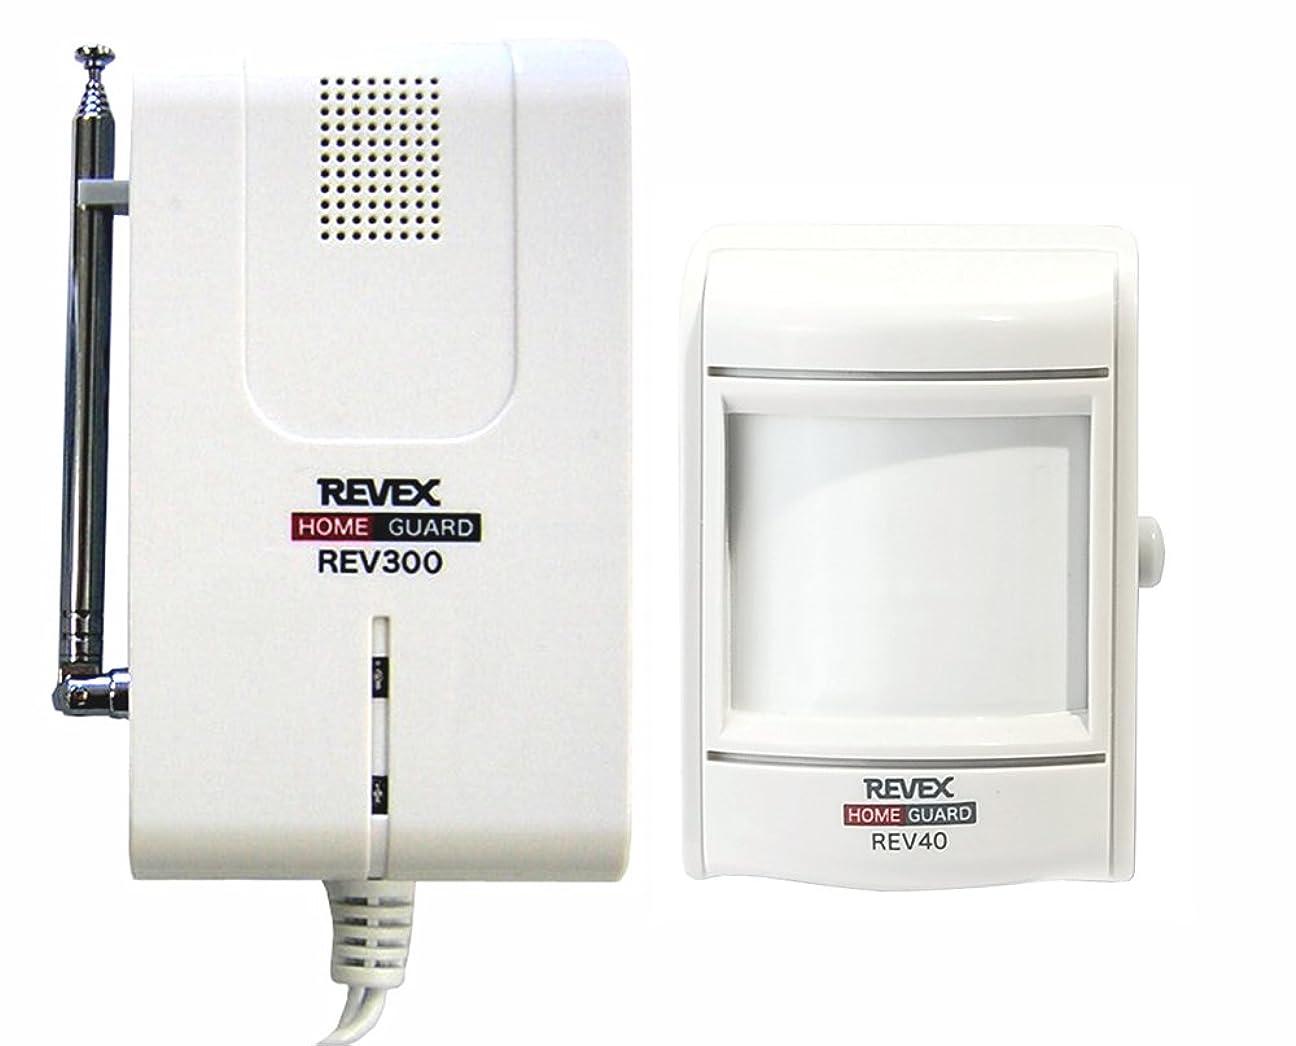 エジプトエジプト人トラップリーベックス(Revex) ワイヤレス チャイム 送受信機セット 人感 センサー モーションセンサー&受信チャイム REV340